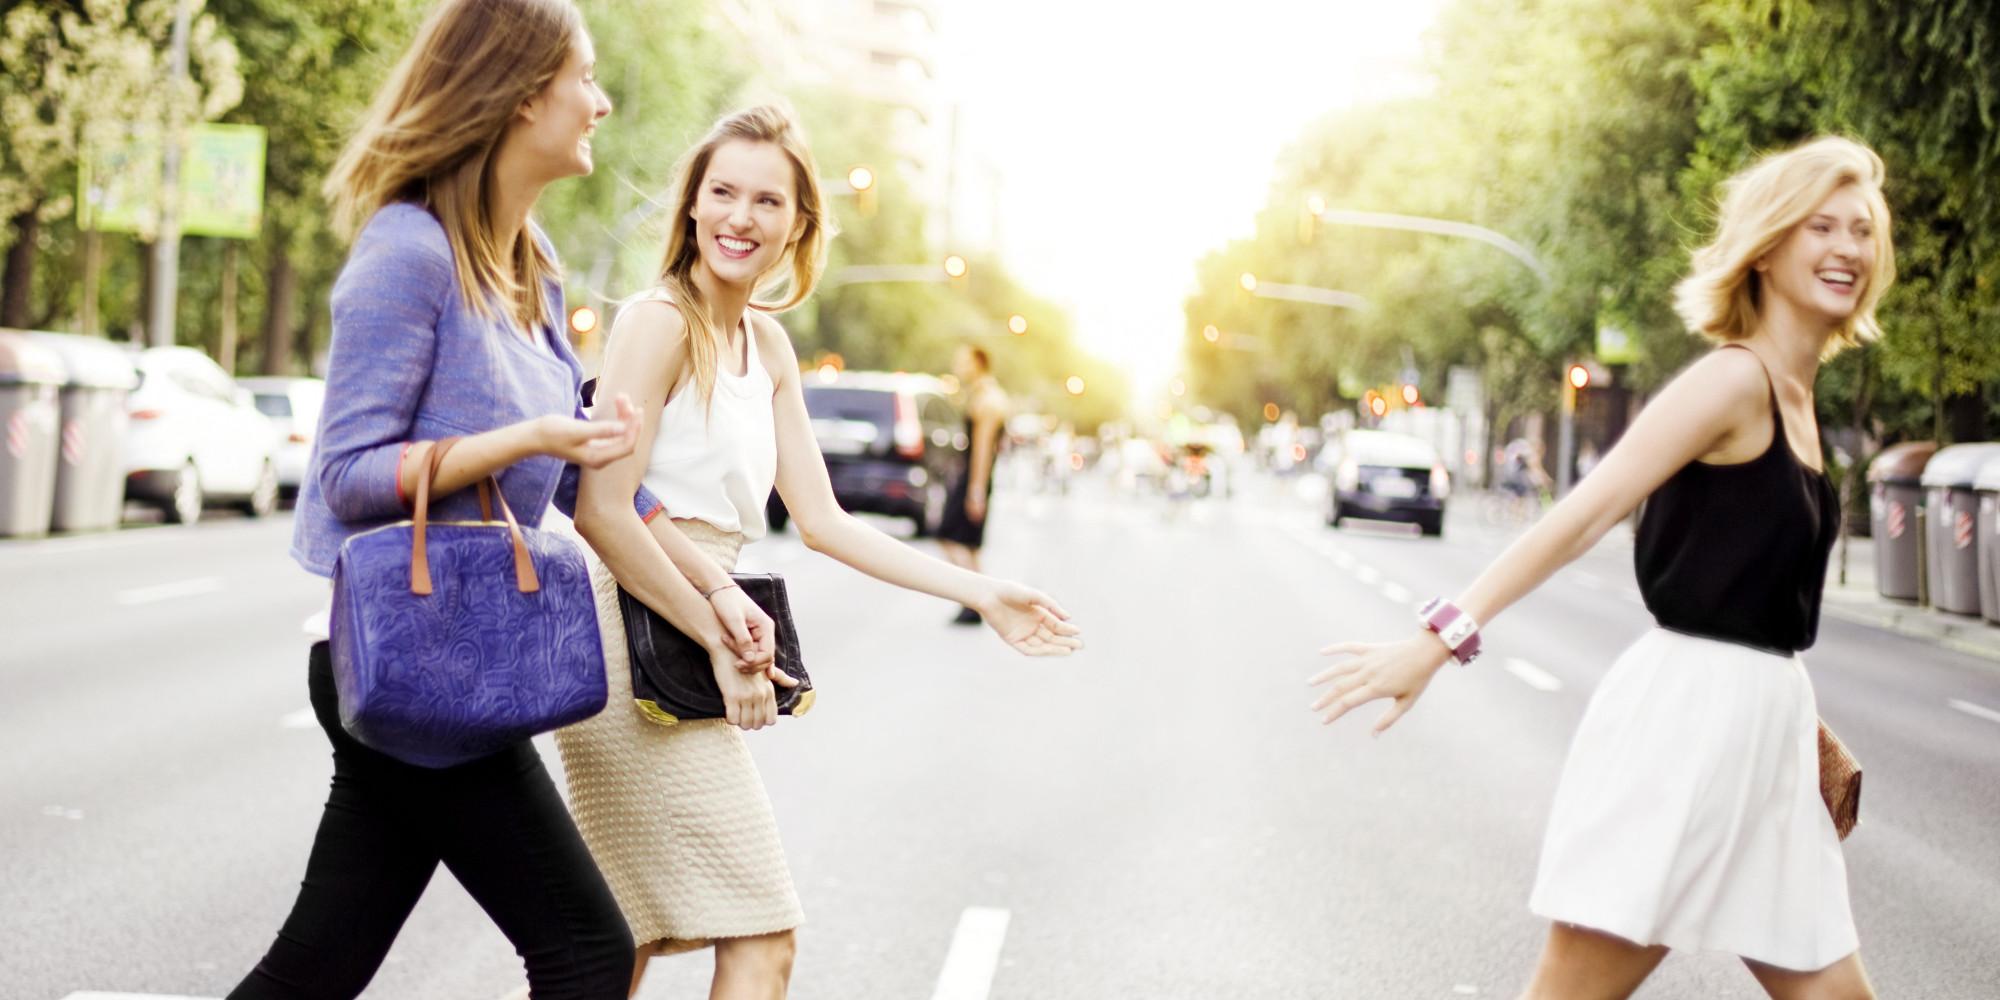 चलने का तरीका भी बताता है आपके स्वभाव से जुड़ी खास बातें, जानिए कैसे? -  know the nature of girls by the way of walking-mobile